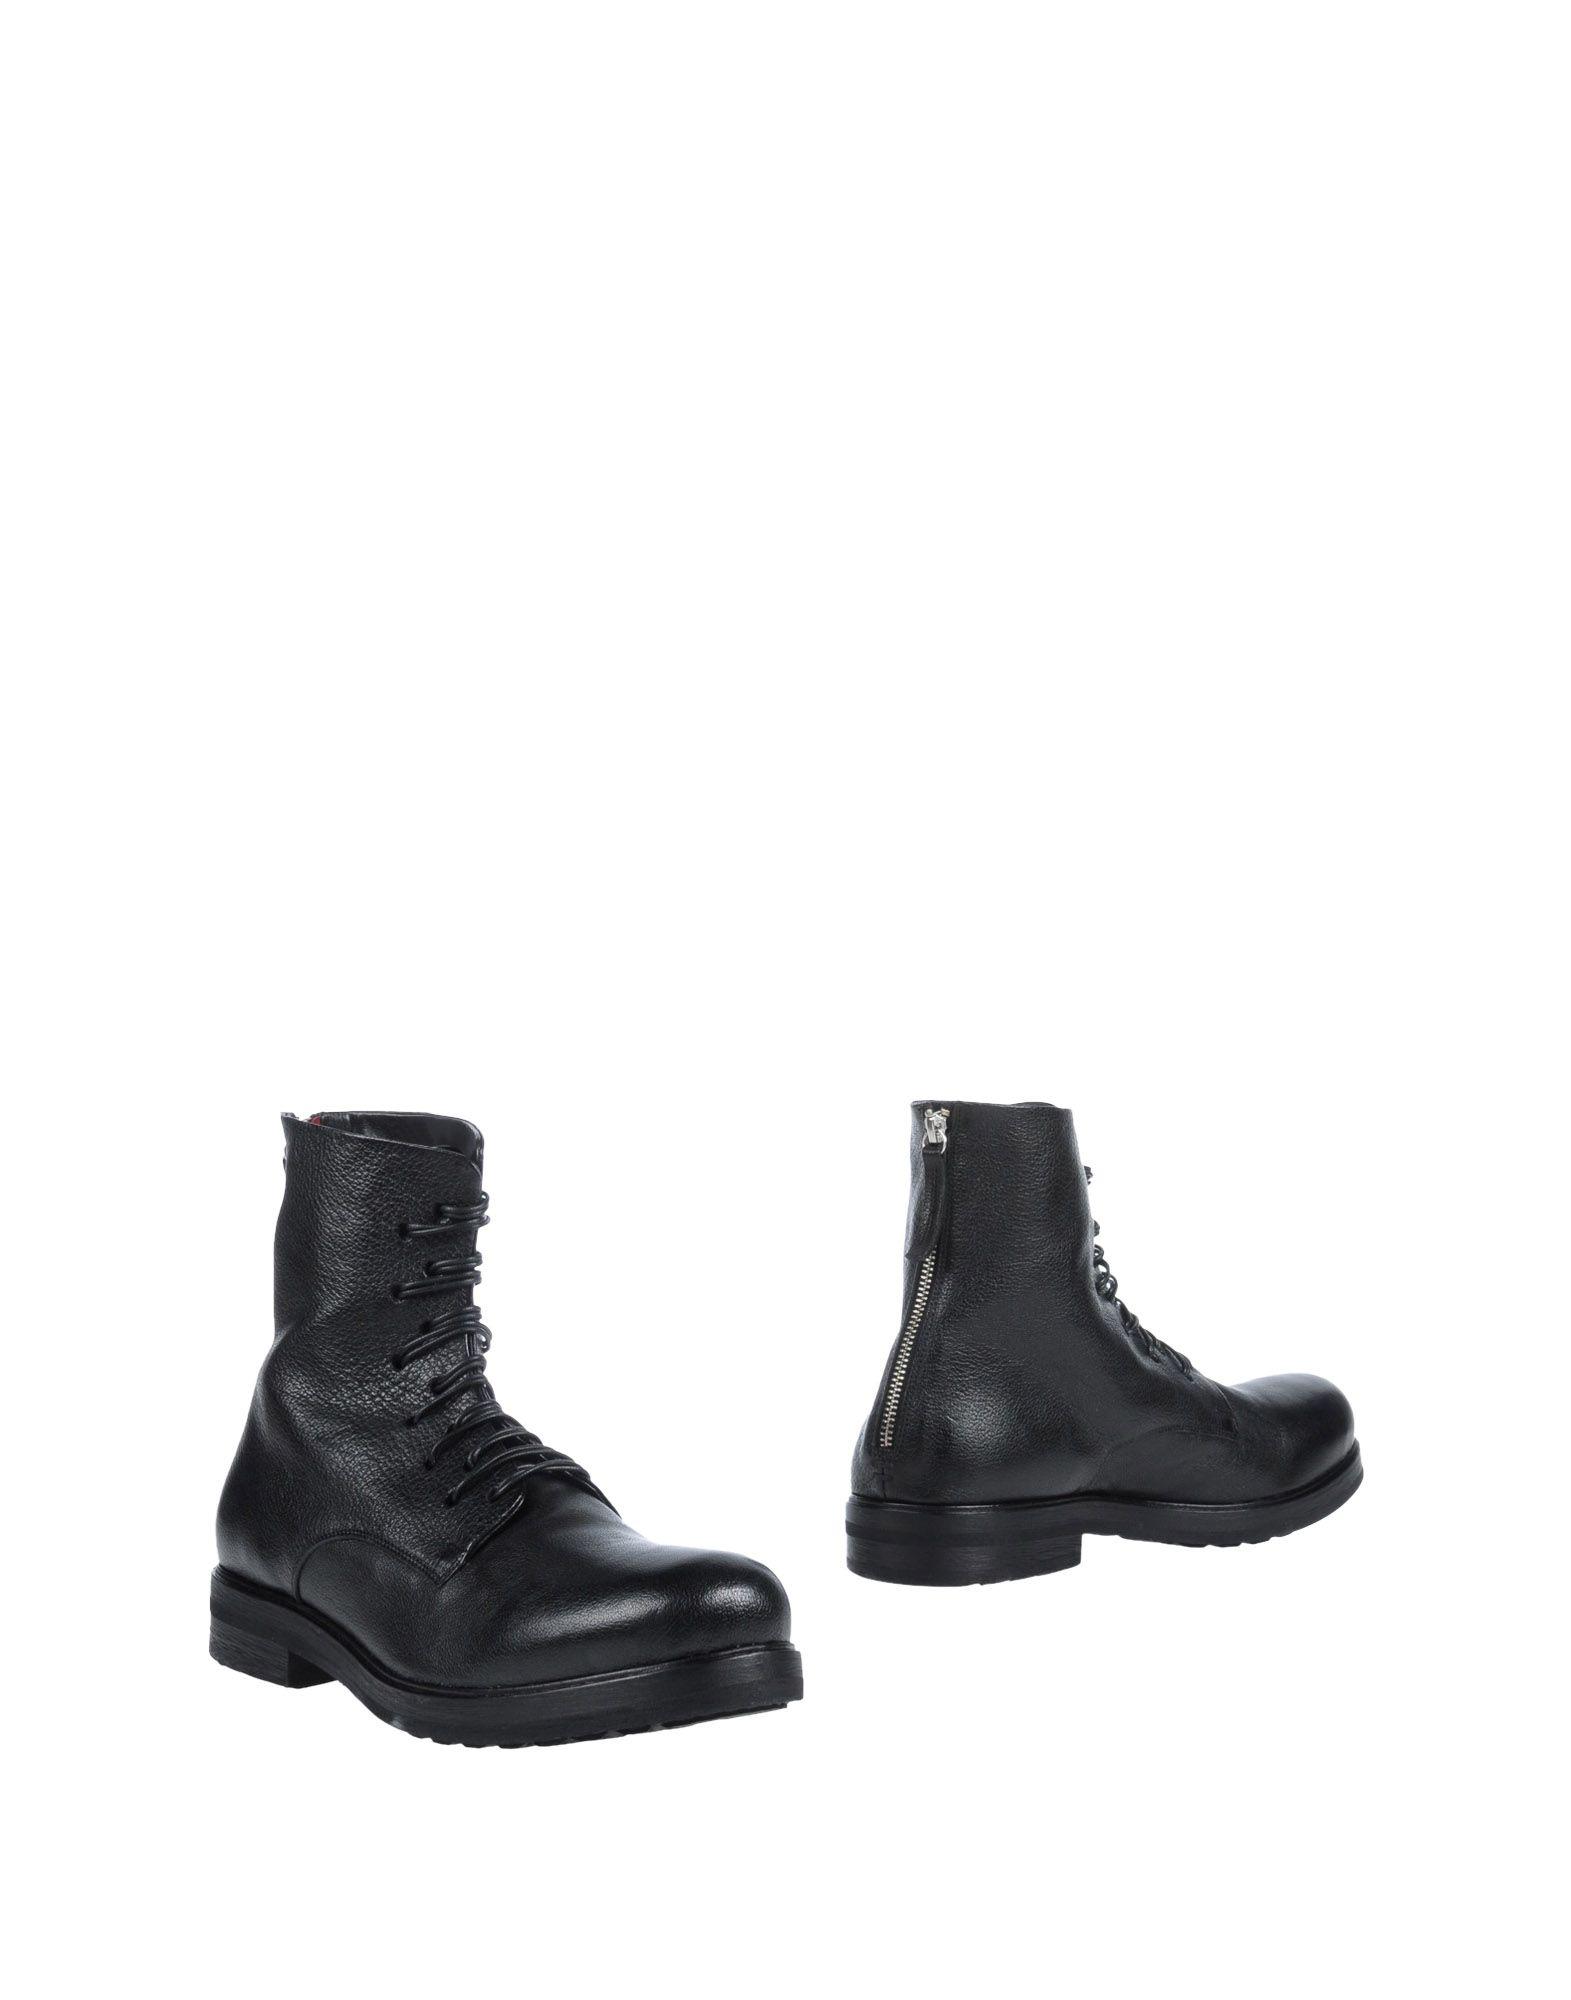 Halmanera Stiefelette Herren  11506419VR Gute Qualität beliebte Schuhe